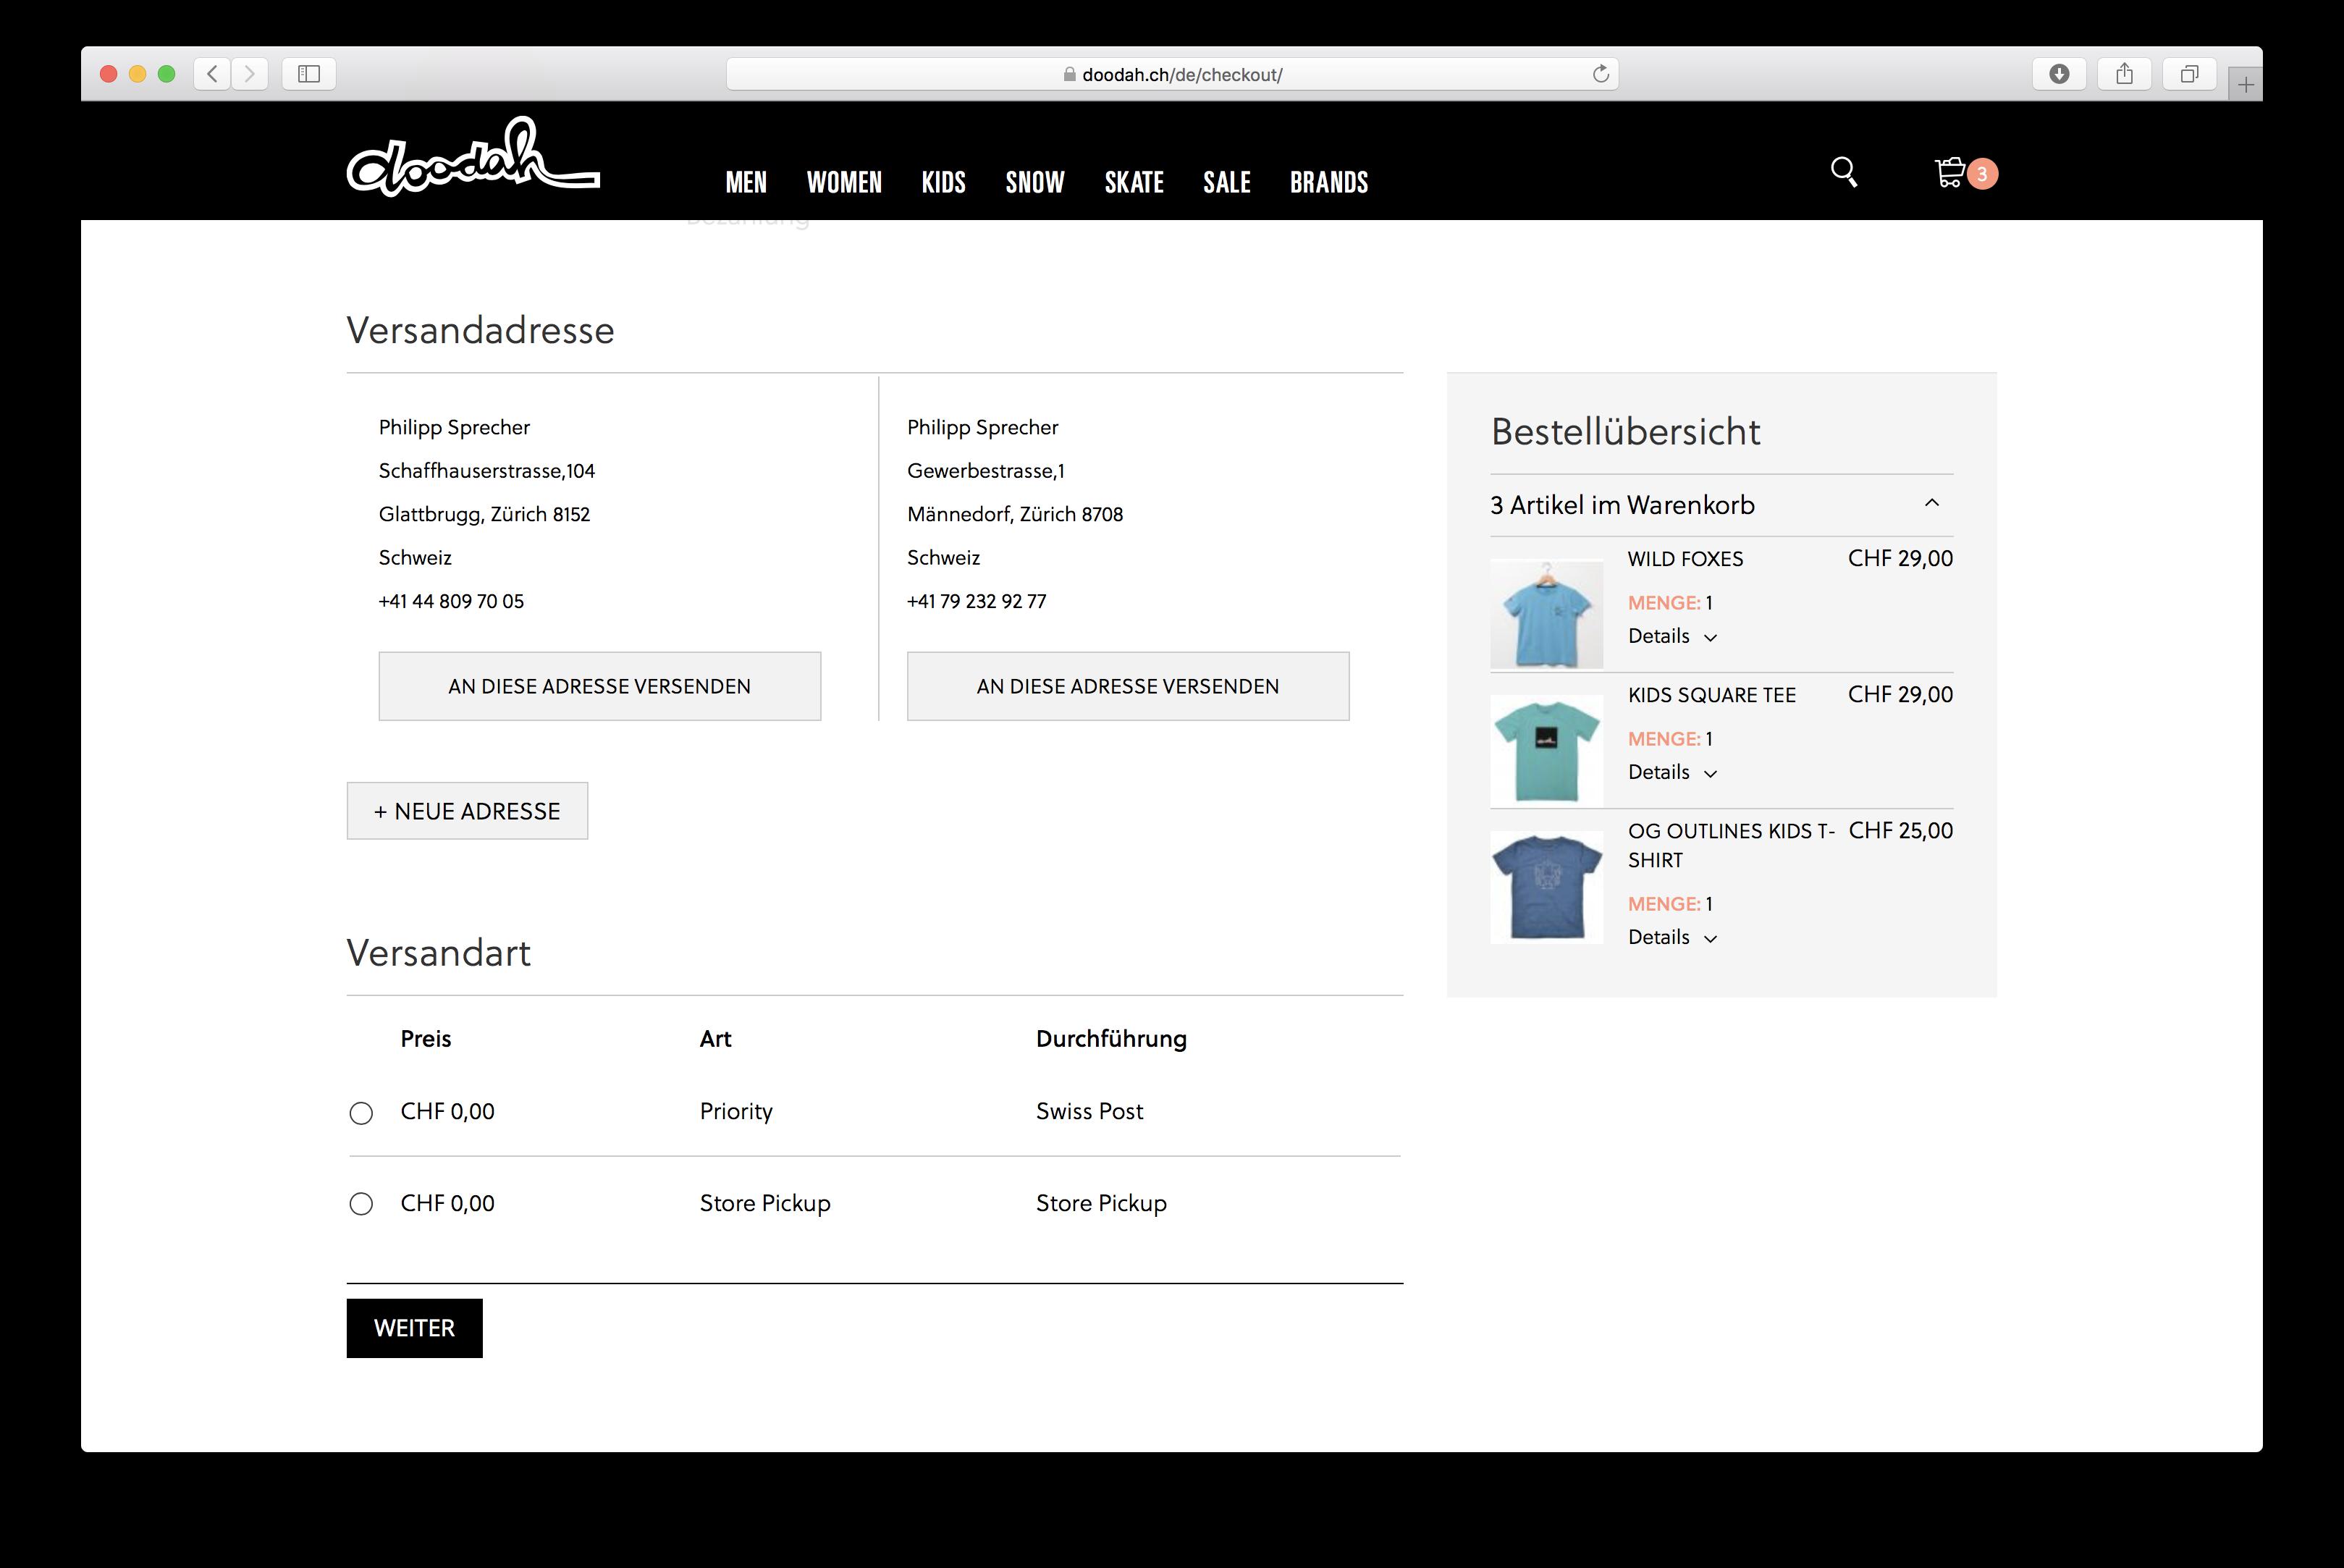 Checkout-Prozess auf doodah.ch, dem Magento-Shop im B2C-Bereich, entwickelt von der insign gmbh